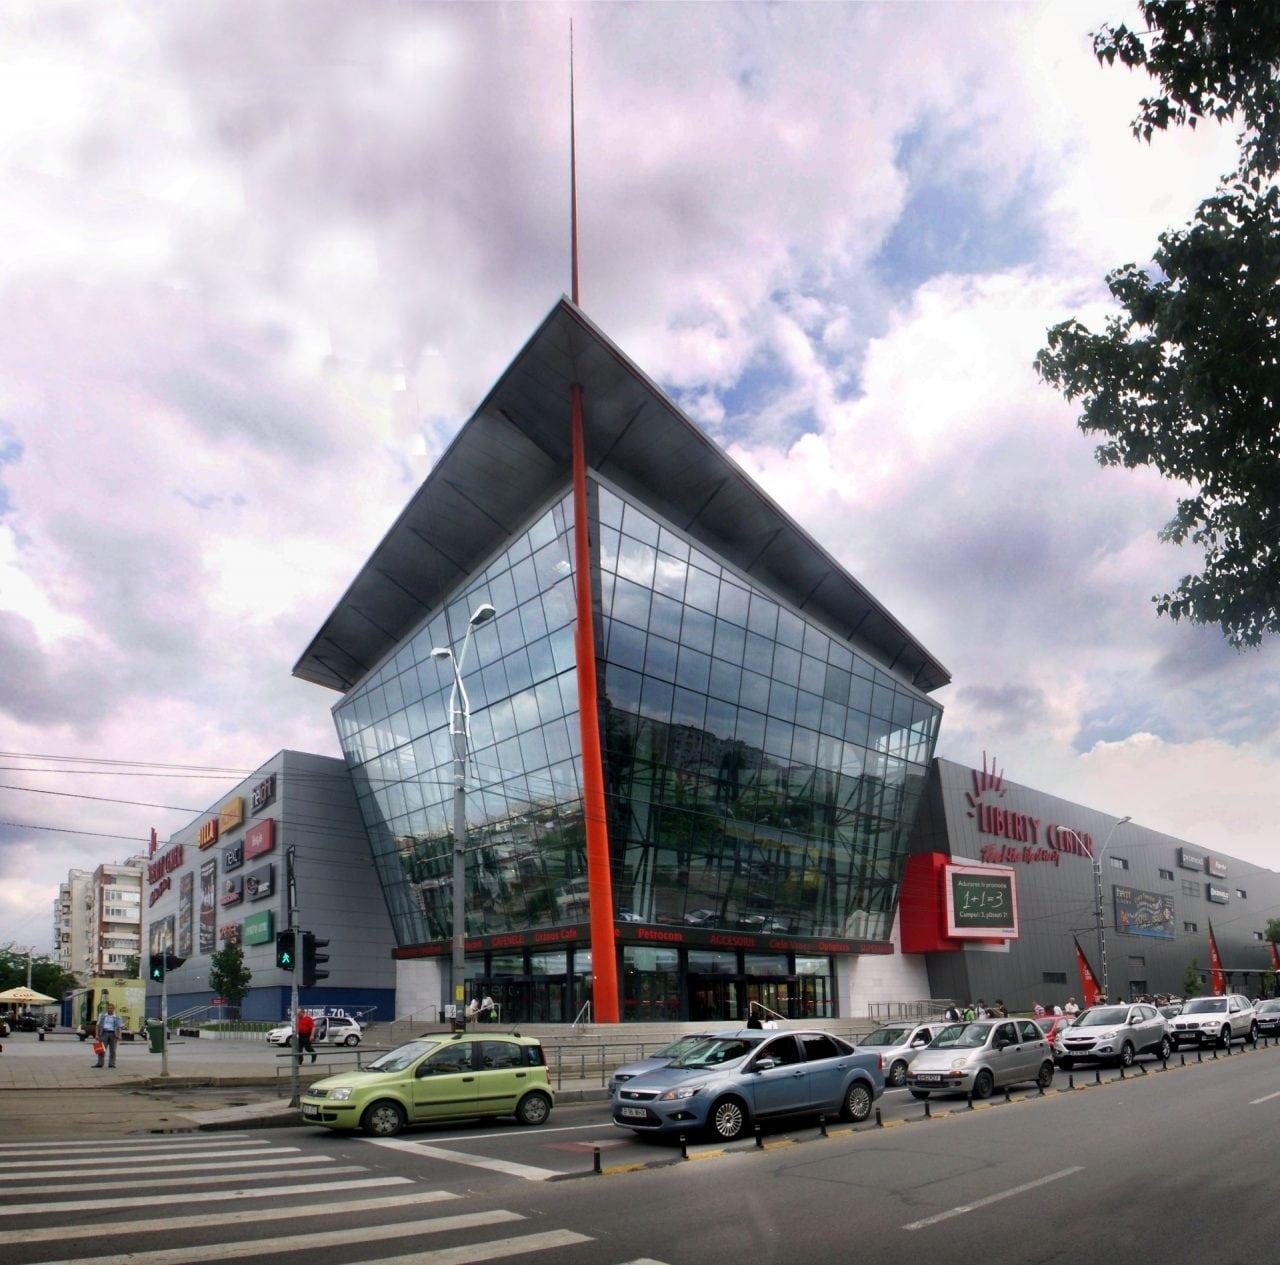 54269327 - JLL a fost desemnată compania de administrare a mall-ului Liberty Center